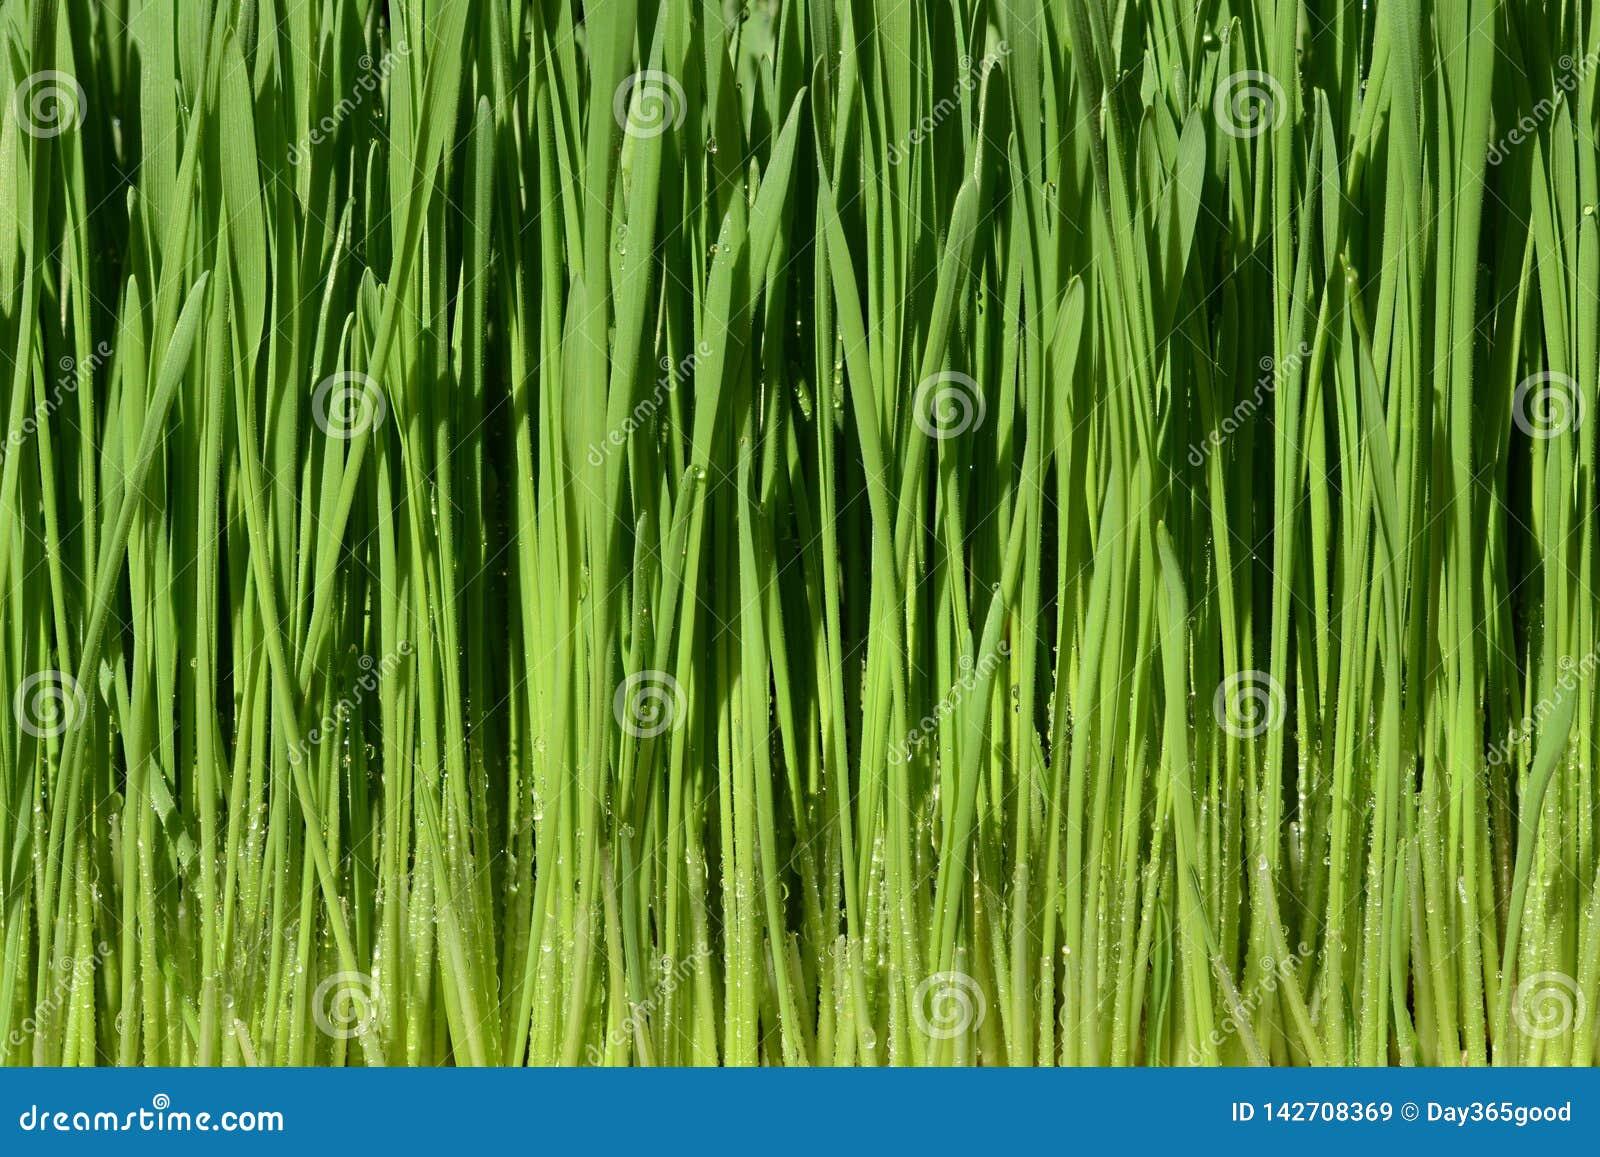 Groen tarwegras met waterdalingen